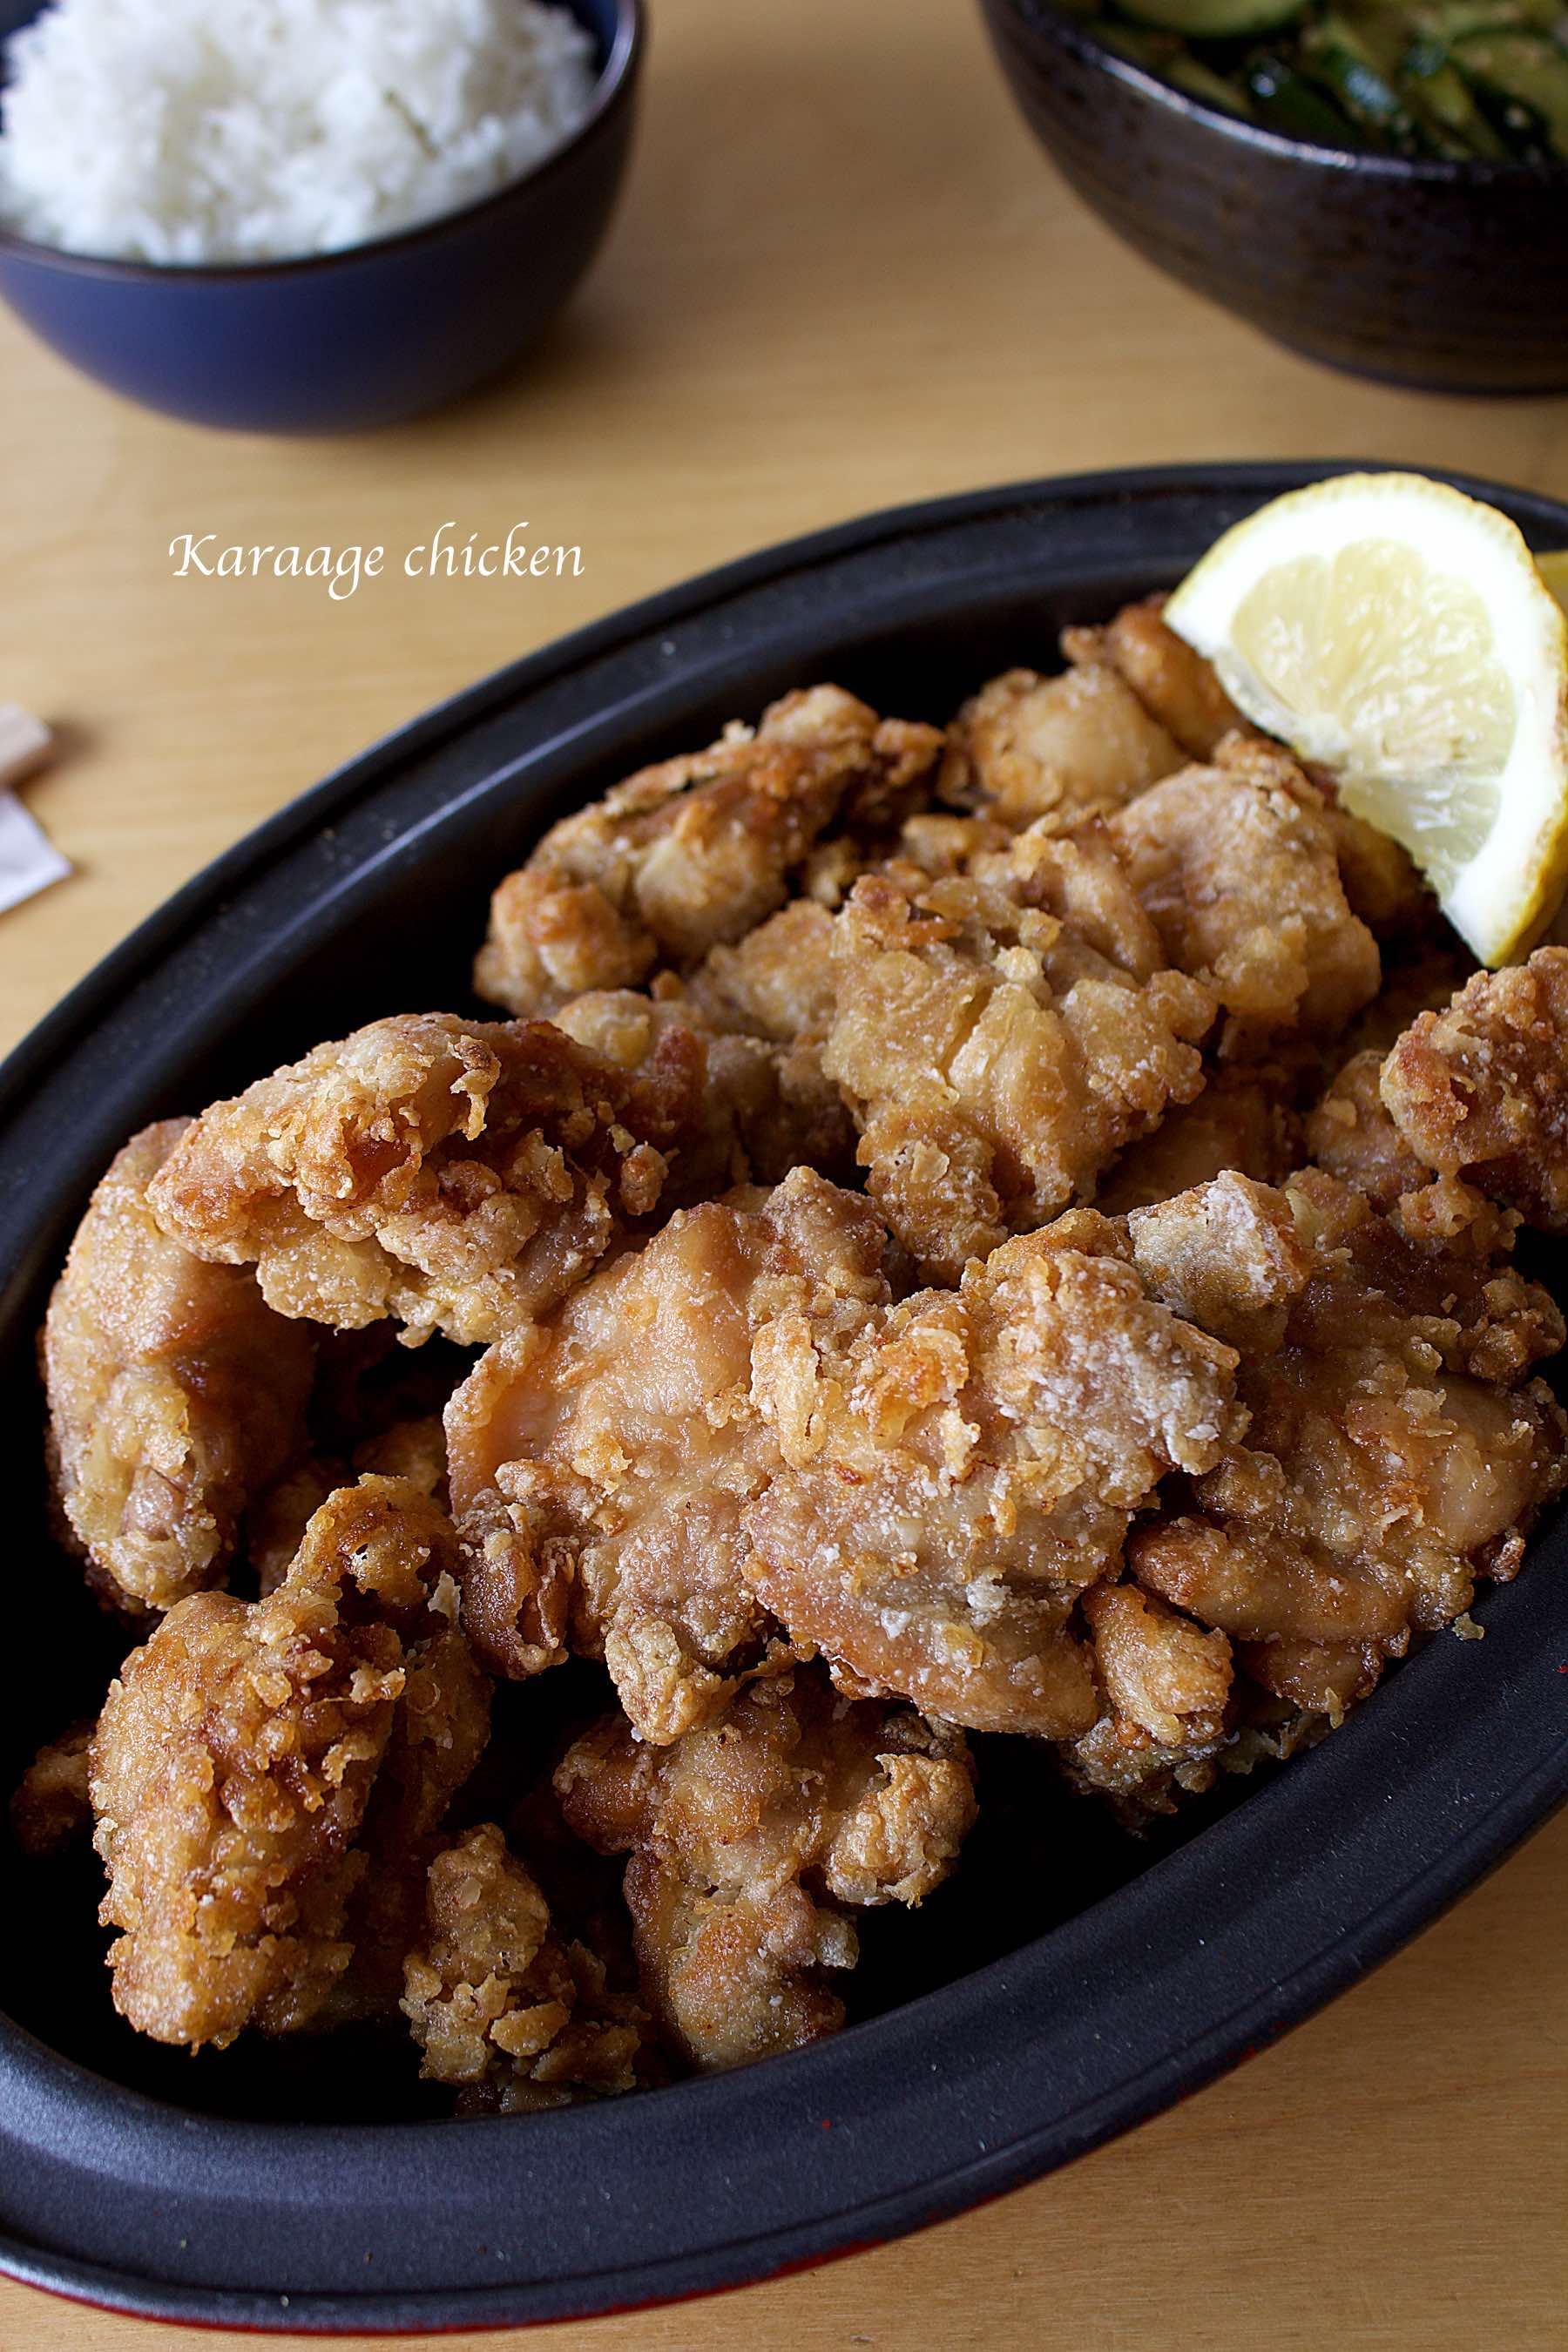 Karaage chicken, Japanese fried chicken